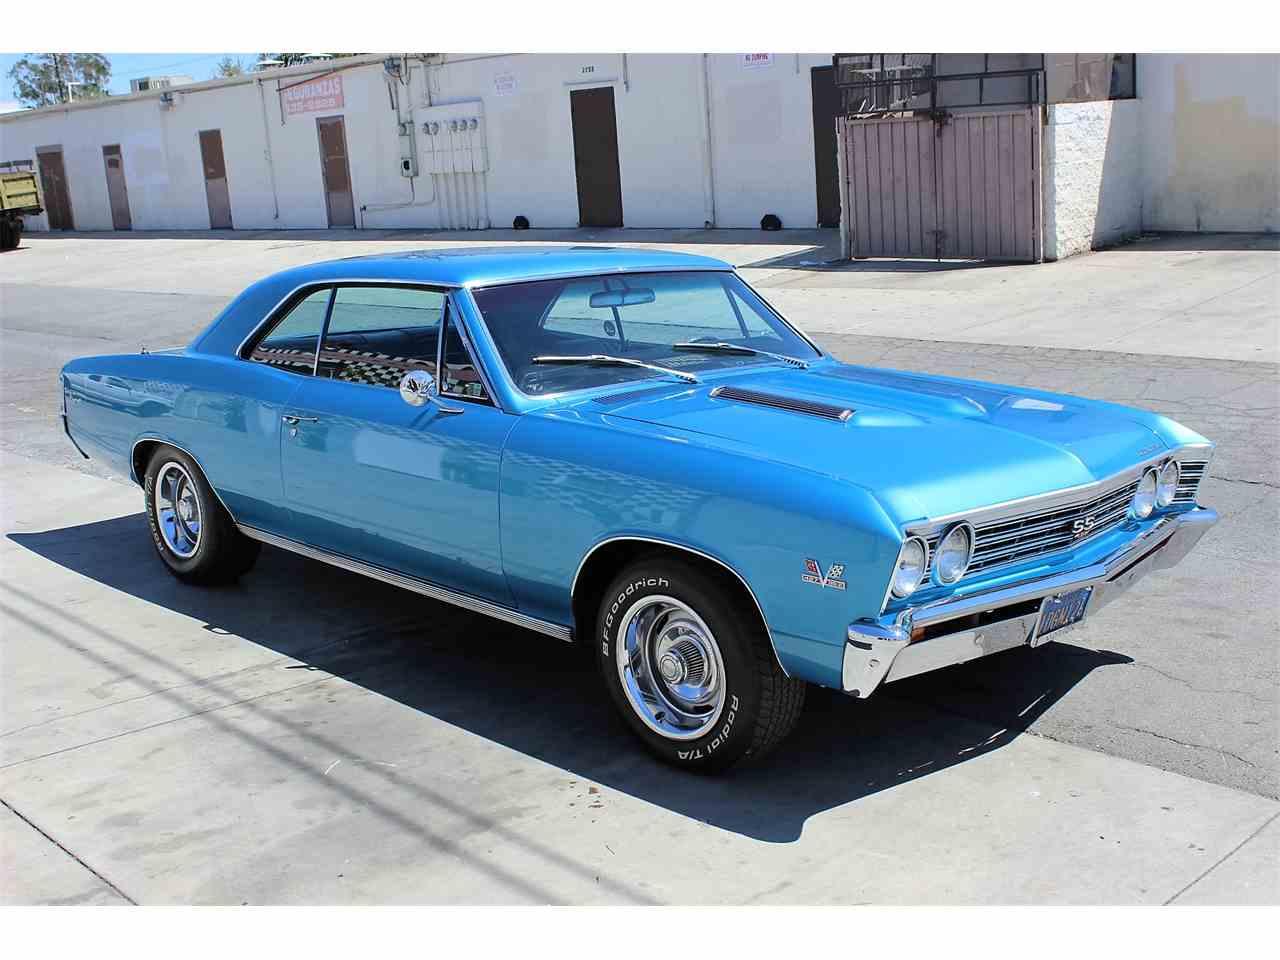 1967 Chevrolet Chevelle Malibu for Sale | ClassicCars.com | CC-997651